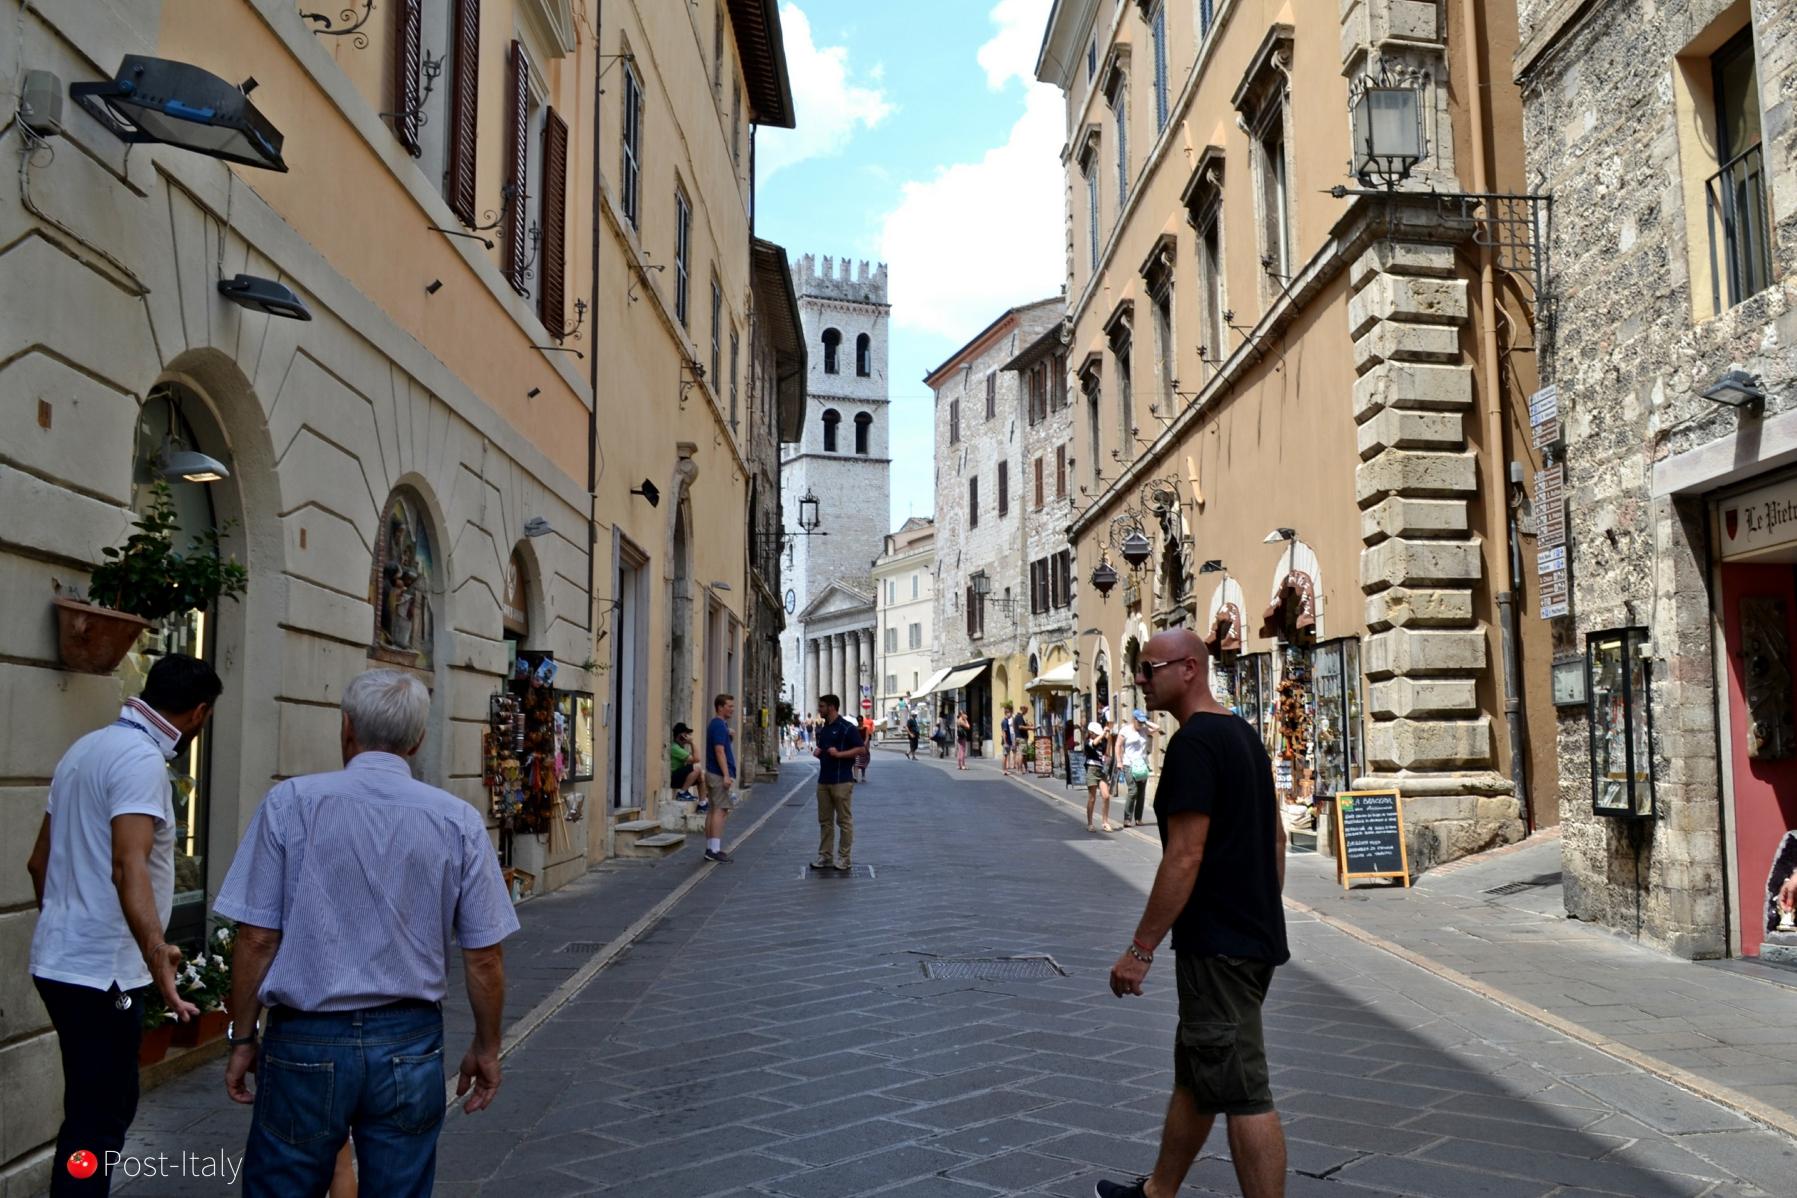 Assis, Úmbria, Itália